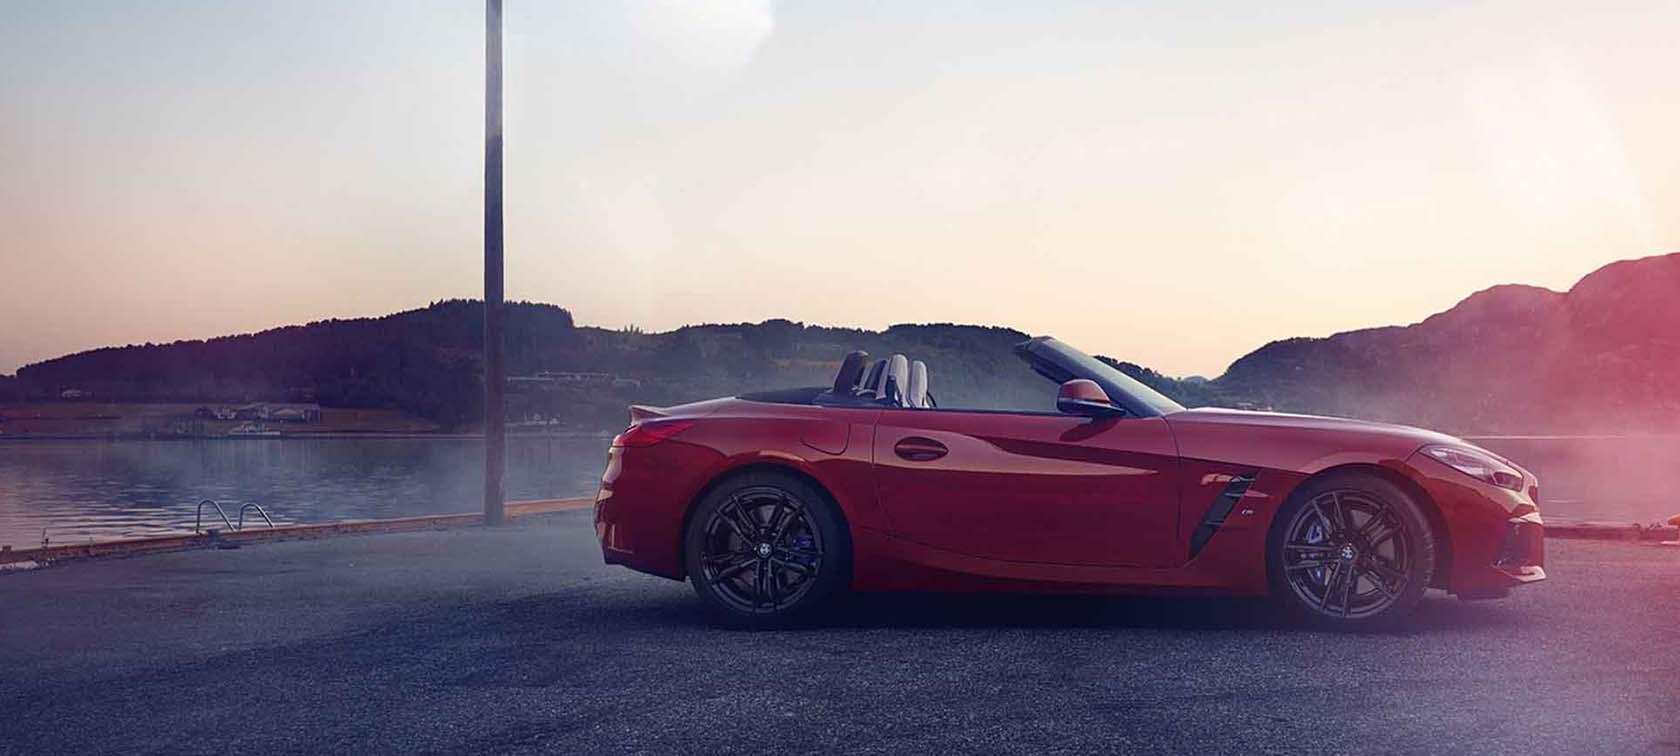 THE BMW Z4